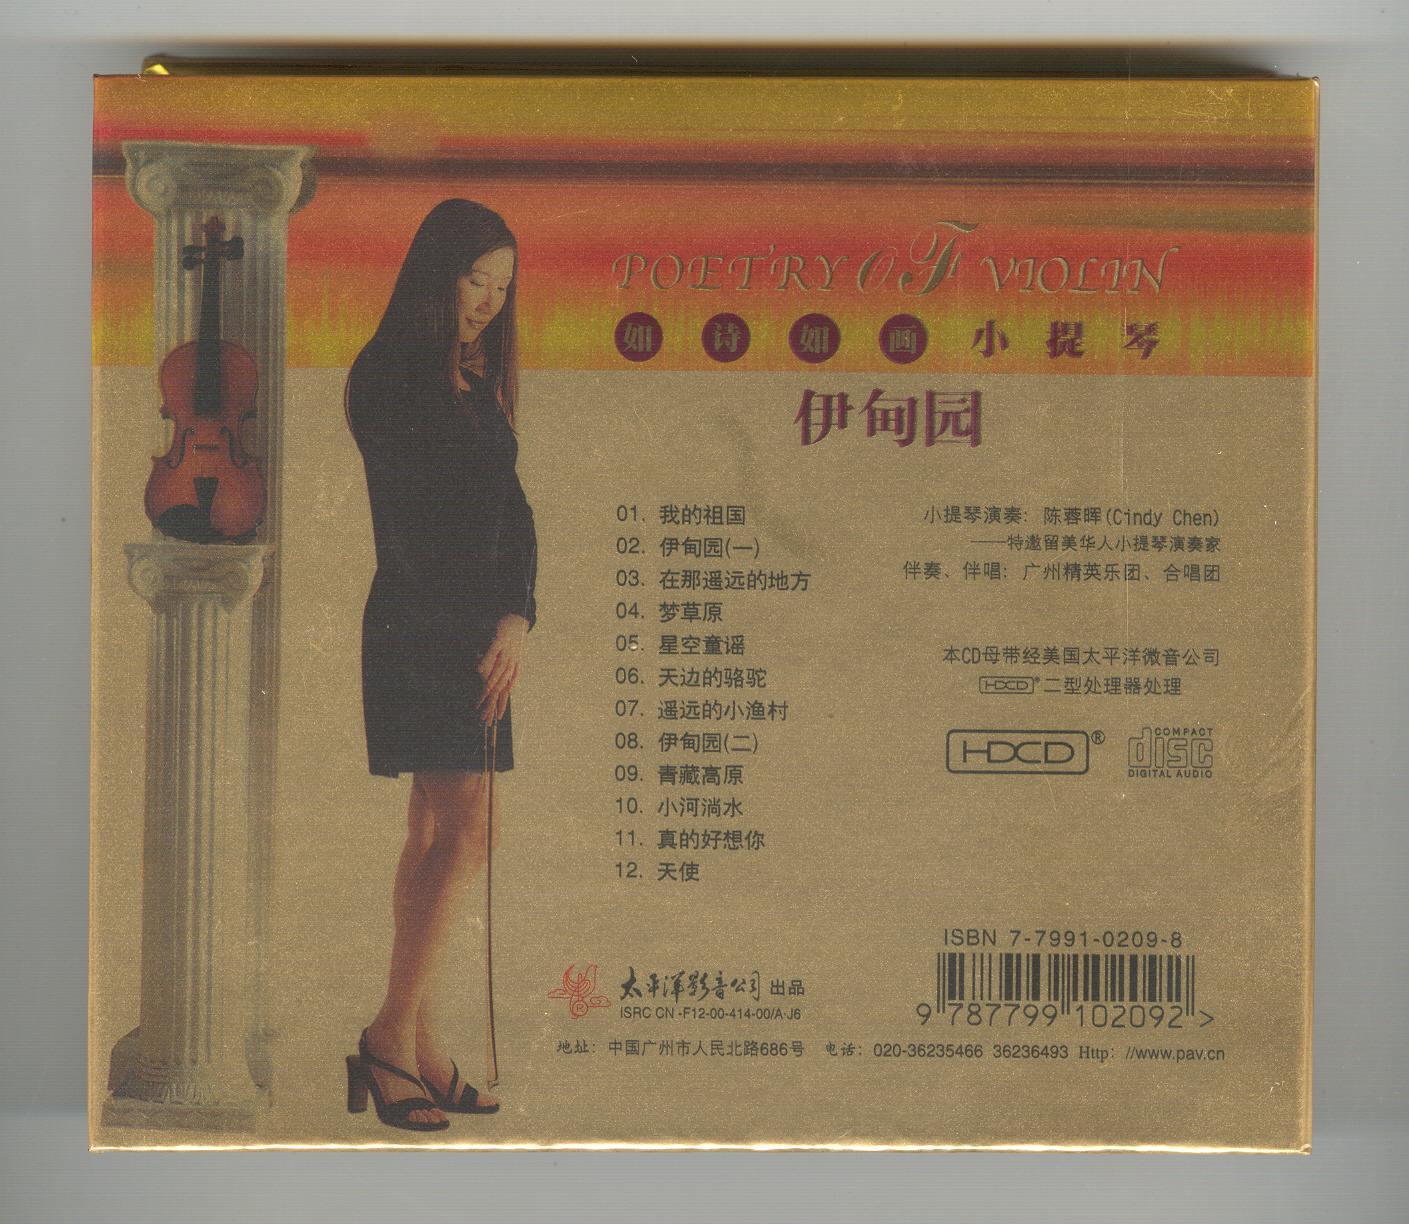 陈蓉晖小提琴曲曲谱分享展示